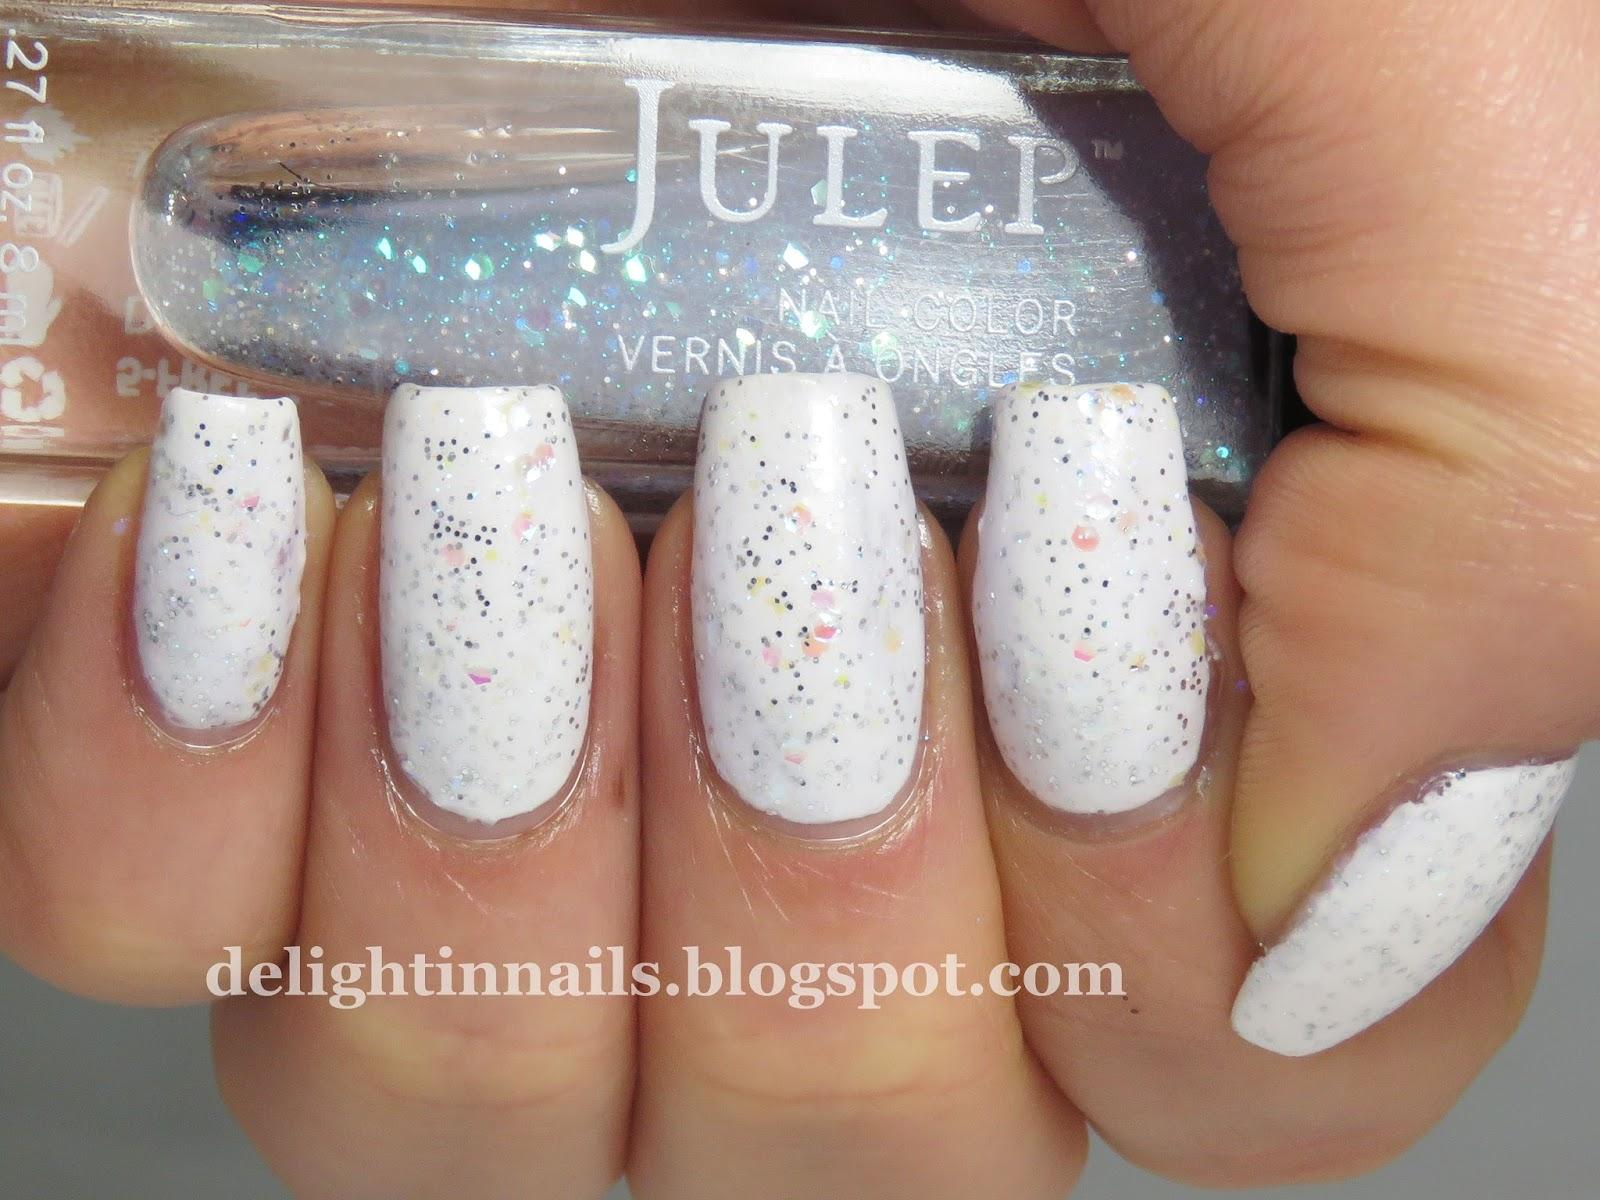 Delight In Nails: November 2015 Julep It Girl Box